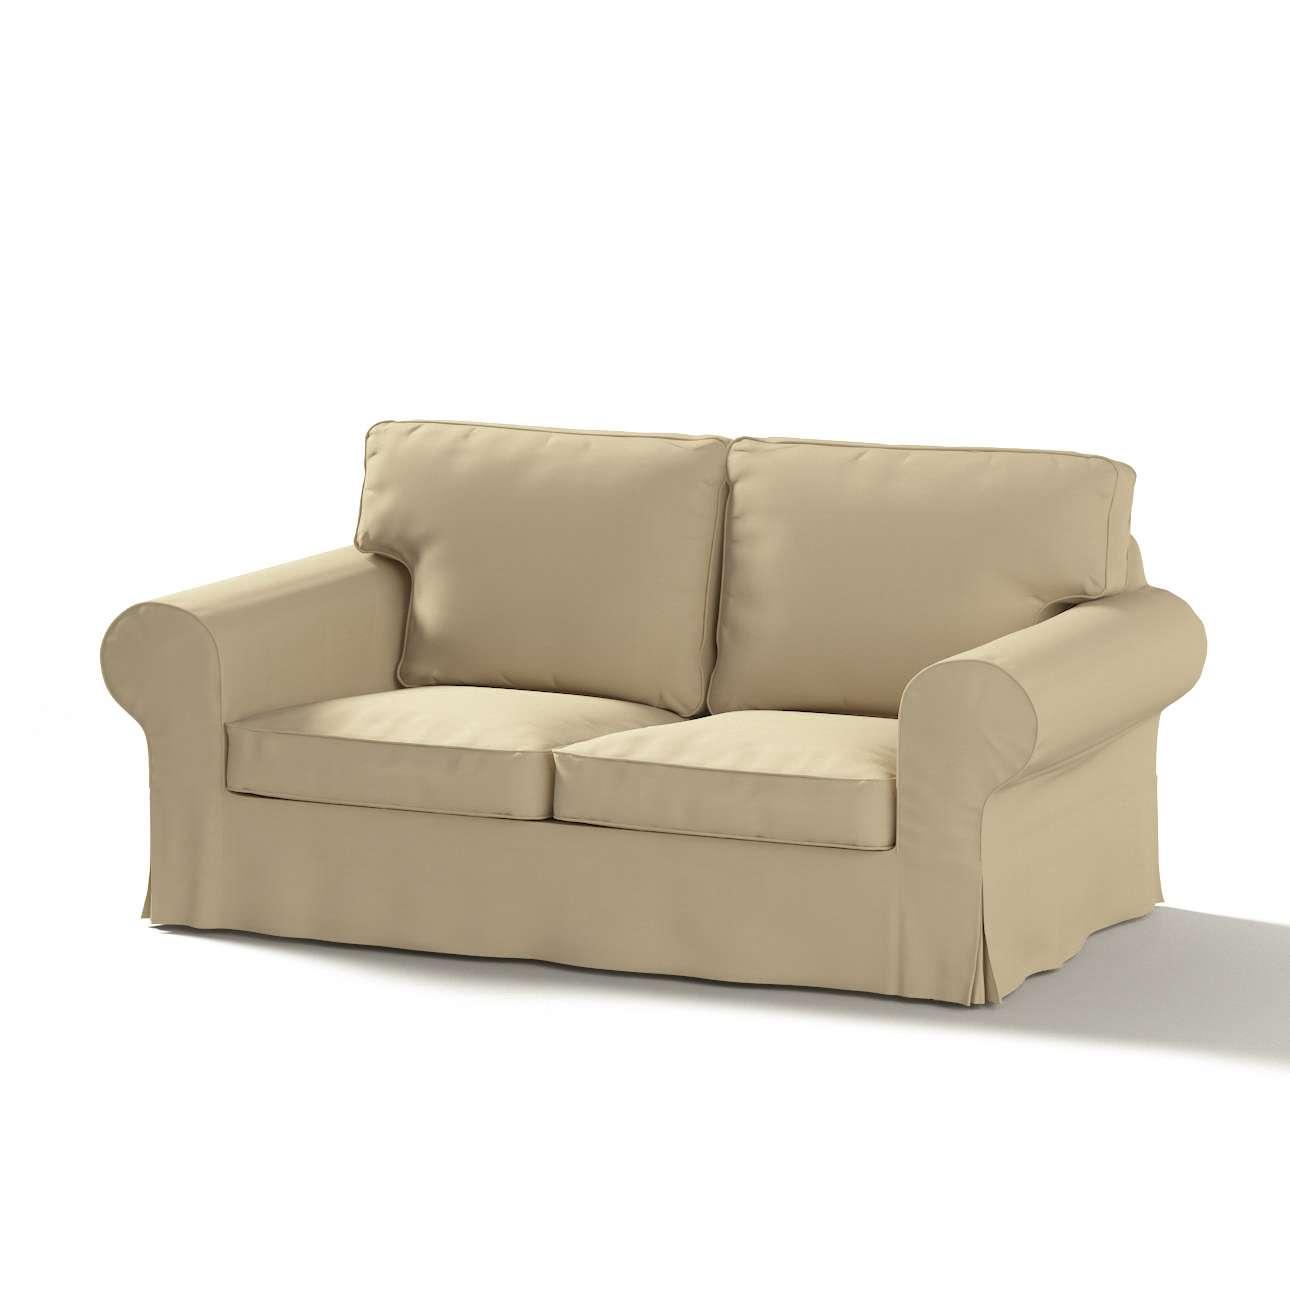 Pokrowiec na sofę Ektorp 2-osobową, rozkładaną STARY MODEL Sofa Ektorp 2-osobowa rozkładana w kolekcji Cotton Panama, tkanina: 702-01